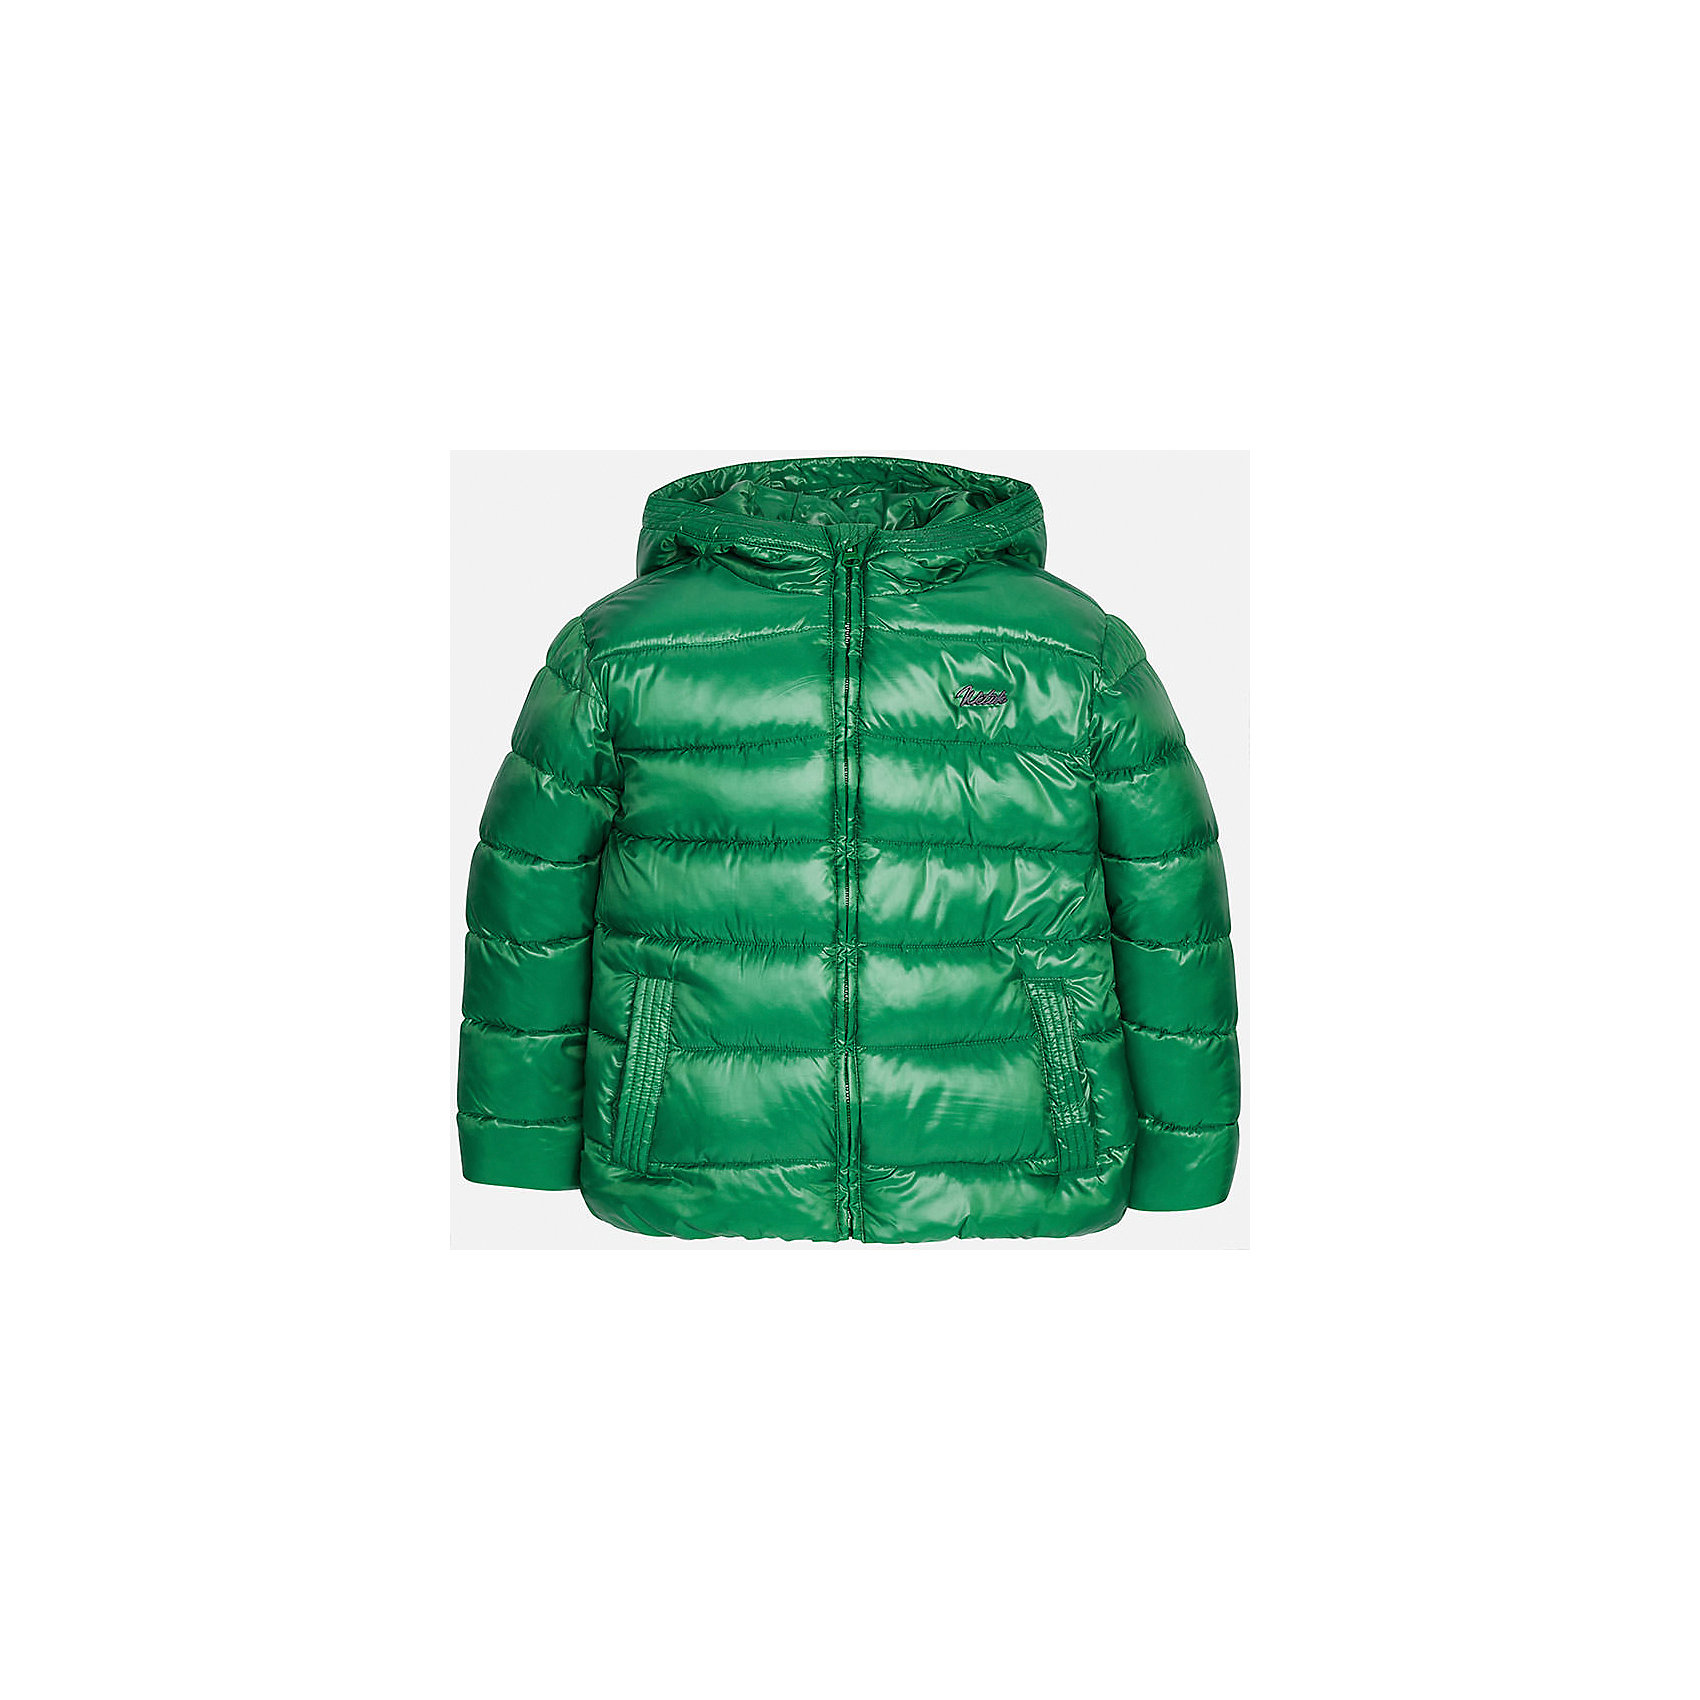 Куртка для мальчика MayoralВерхняя одежда<br>Куртка для мальчика Mayoral (Майорал)<br>Куртка для мальчика от известной испанской марки Mayoral (Майорал) выполнена из водонепроницаемого полиэстера, имеет удобный капюшон, два кармана по бокам. Модель застегивается на молнию, рукава куртки дополнены внутренними манжетами.<br><br>Дополнительная информация:<br><br>- Цвет: зеленый<br>- Верх: 100% полиэстер<br>- Подкладка: 100% полиэстер<br>- Утеплитель: 100% полиэстер<br>- Уход: бережная стирка при 30 градусах<br><br>Куртку для мальчика Mayoral (Майорал) можно купить в нашем интернет-магазине.<br><br>Ширина мм: 356<br>Глубина мм: 10<br>Высота мм: 245<br>Вес г: 519<br>Цвет: разноцветный<br>Возраст от месяцев: 156<br>Возраст до месяцев: 168<br>Пол: Мужской<br>Возраст: Детский<br>Размер: 158,152,140,128,146,164<br>SKU: 4821095